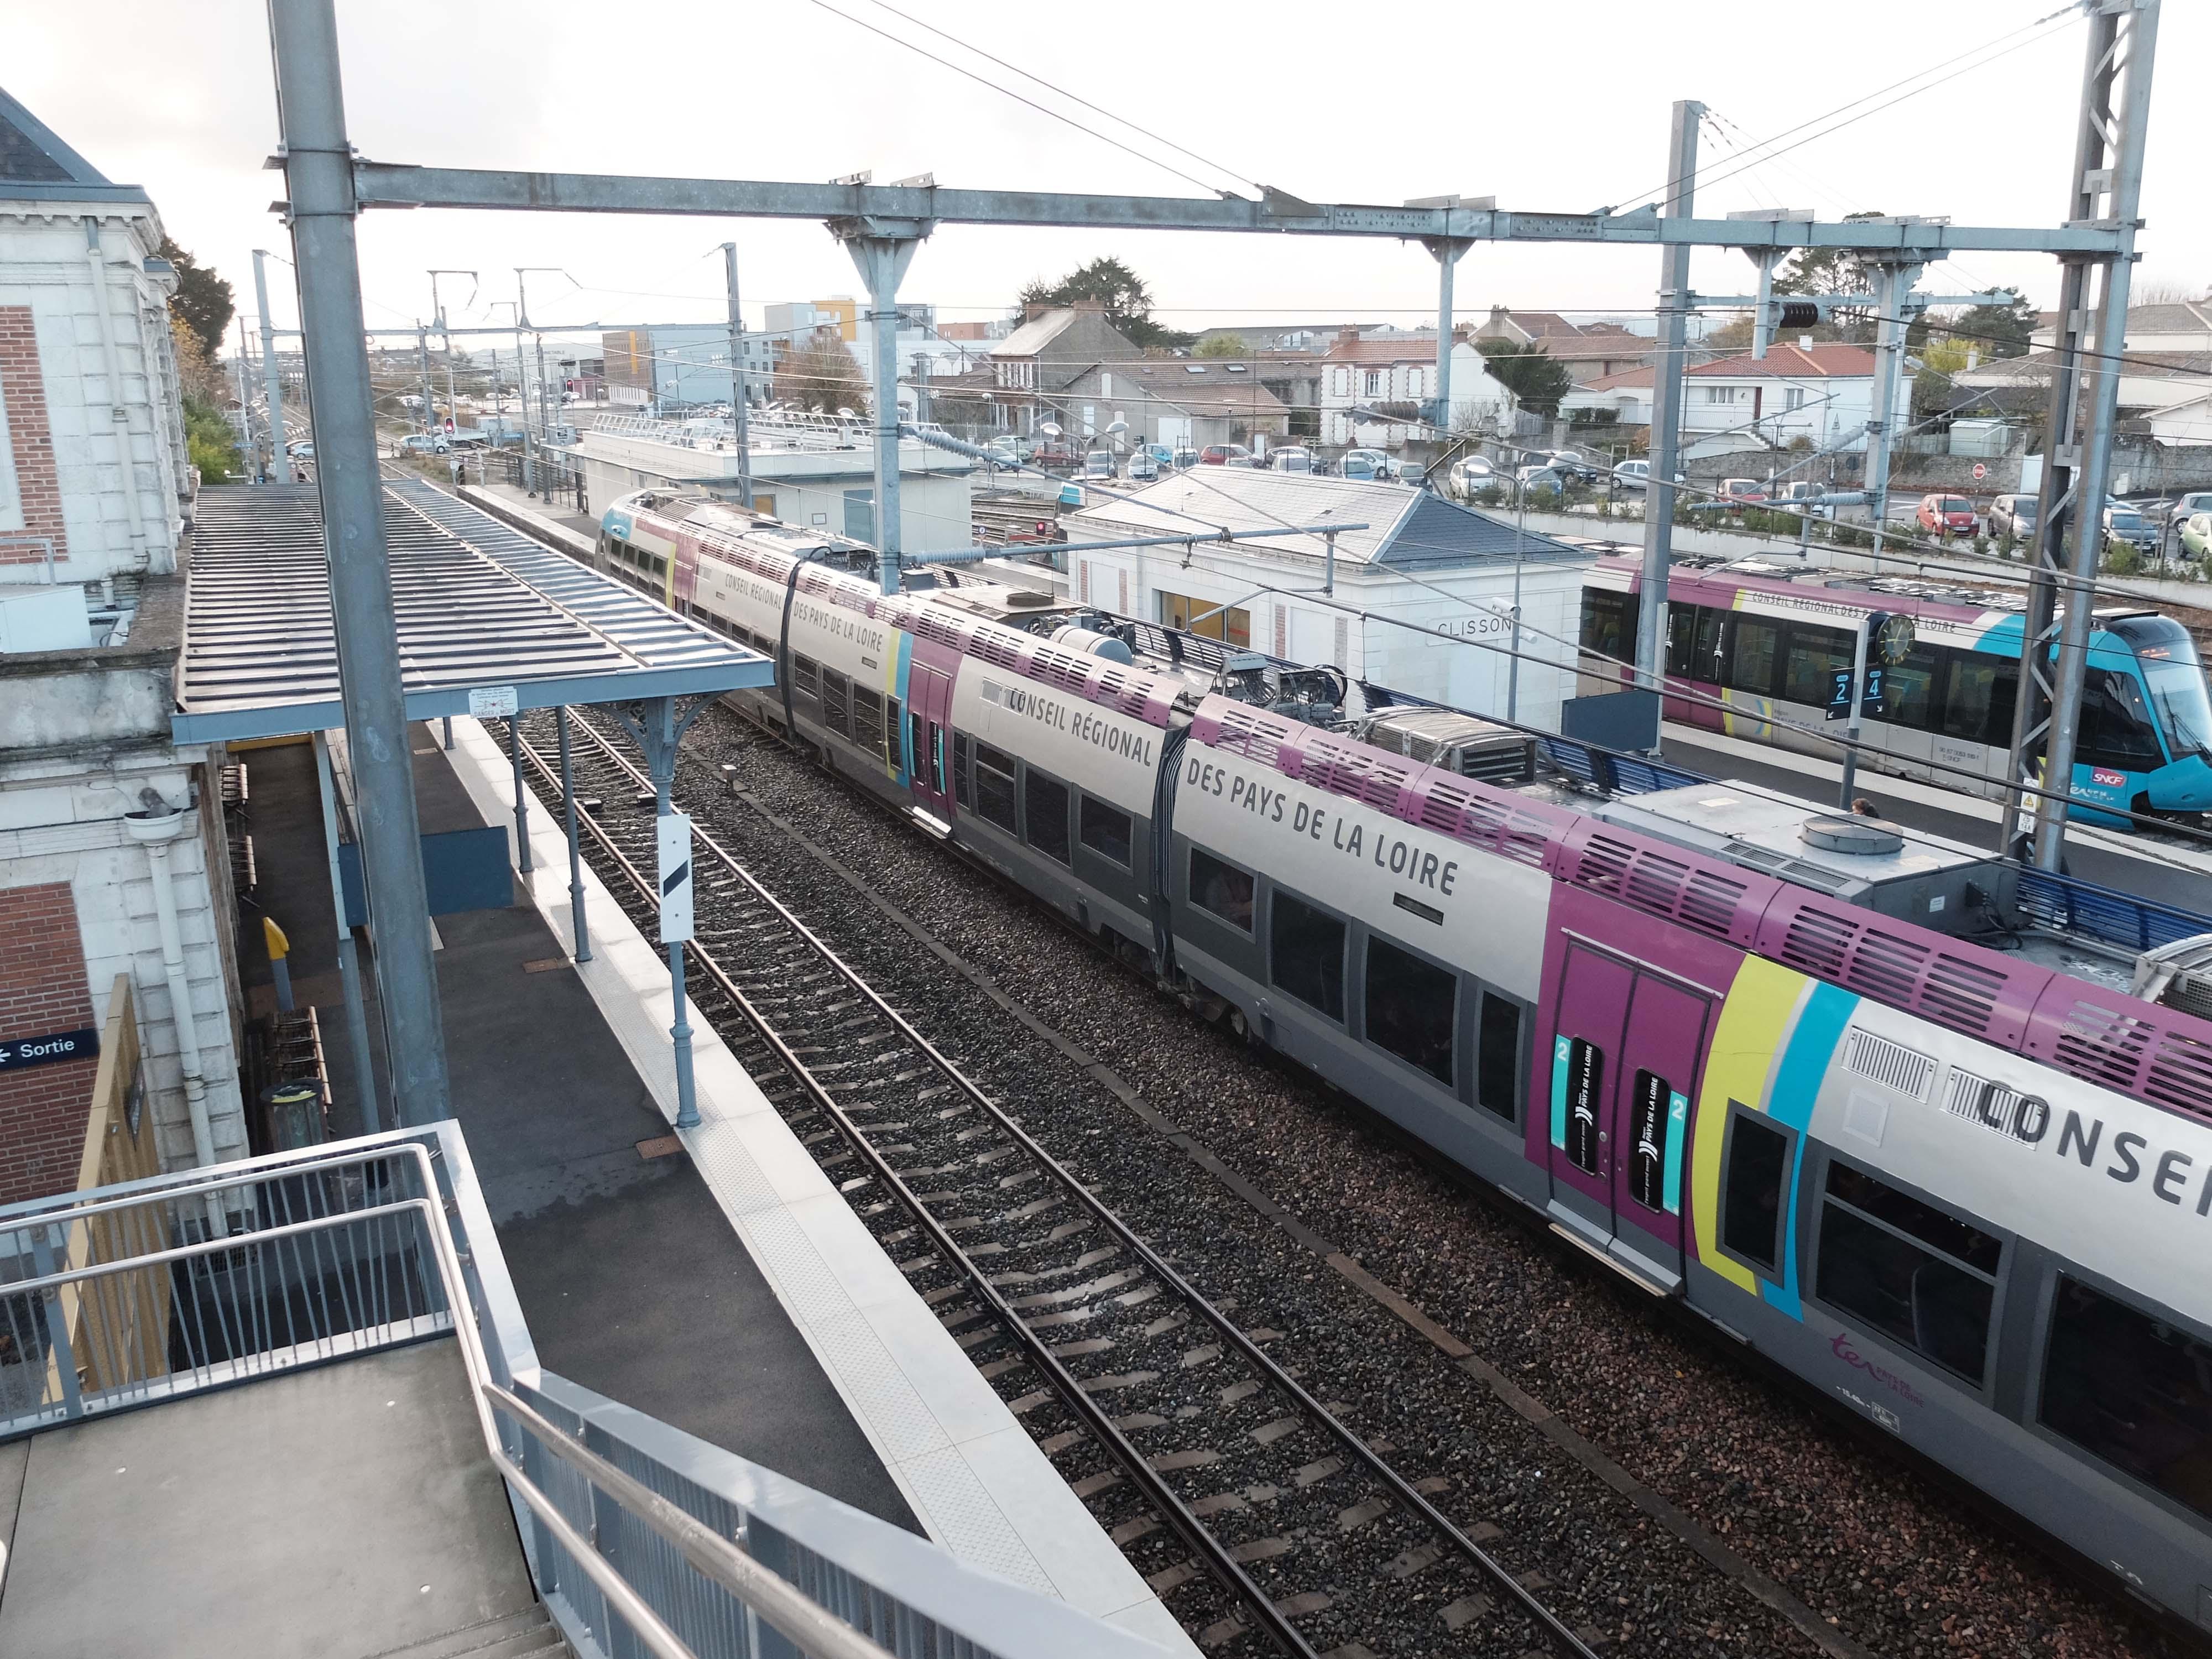 Gare de Clisson